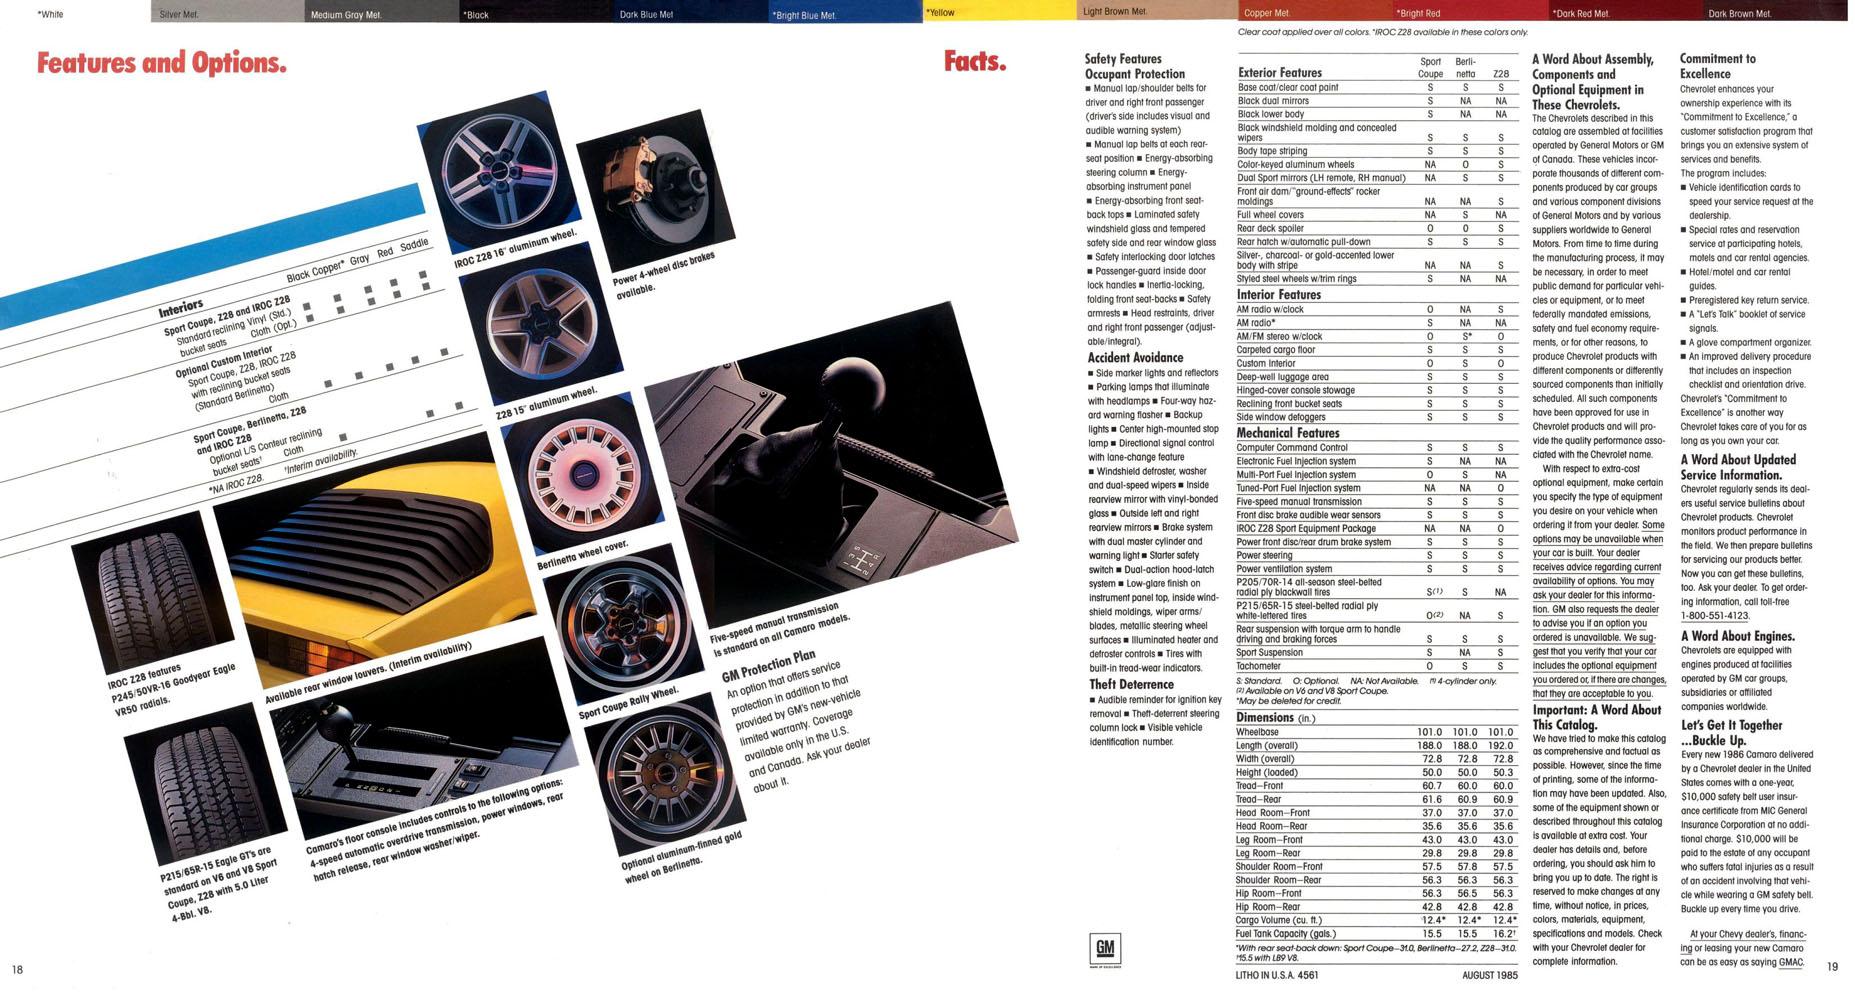 1986 Camaro OEM Brochure (10)